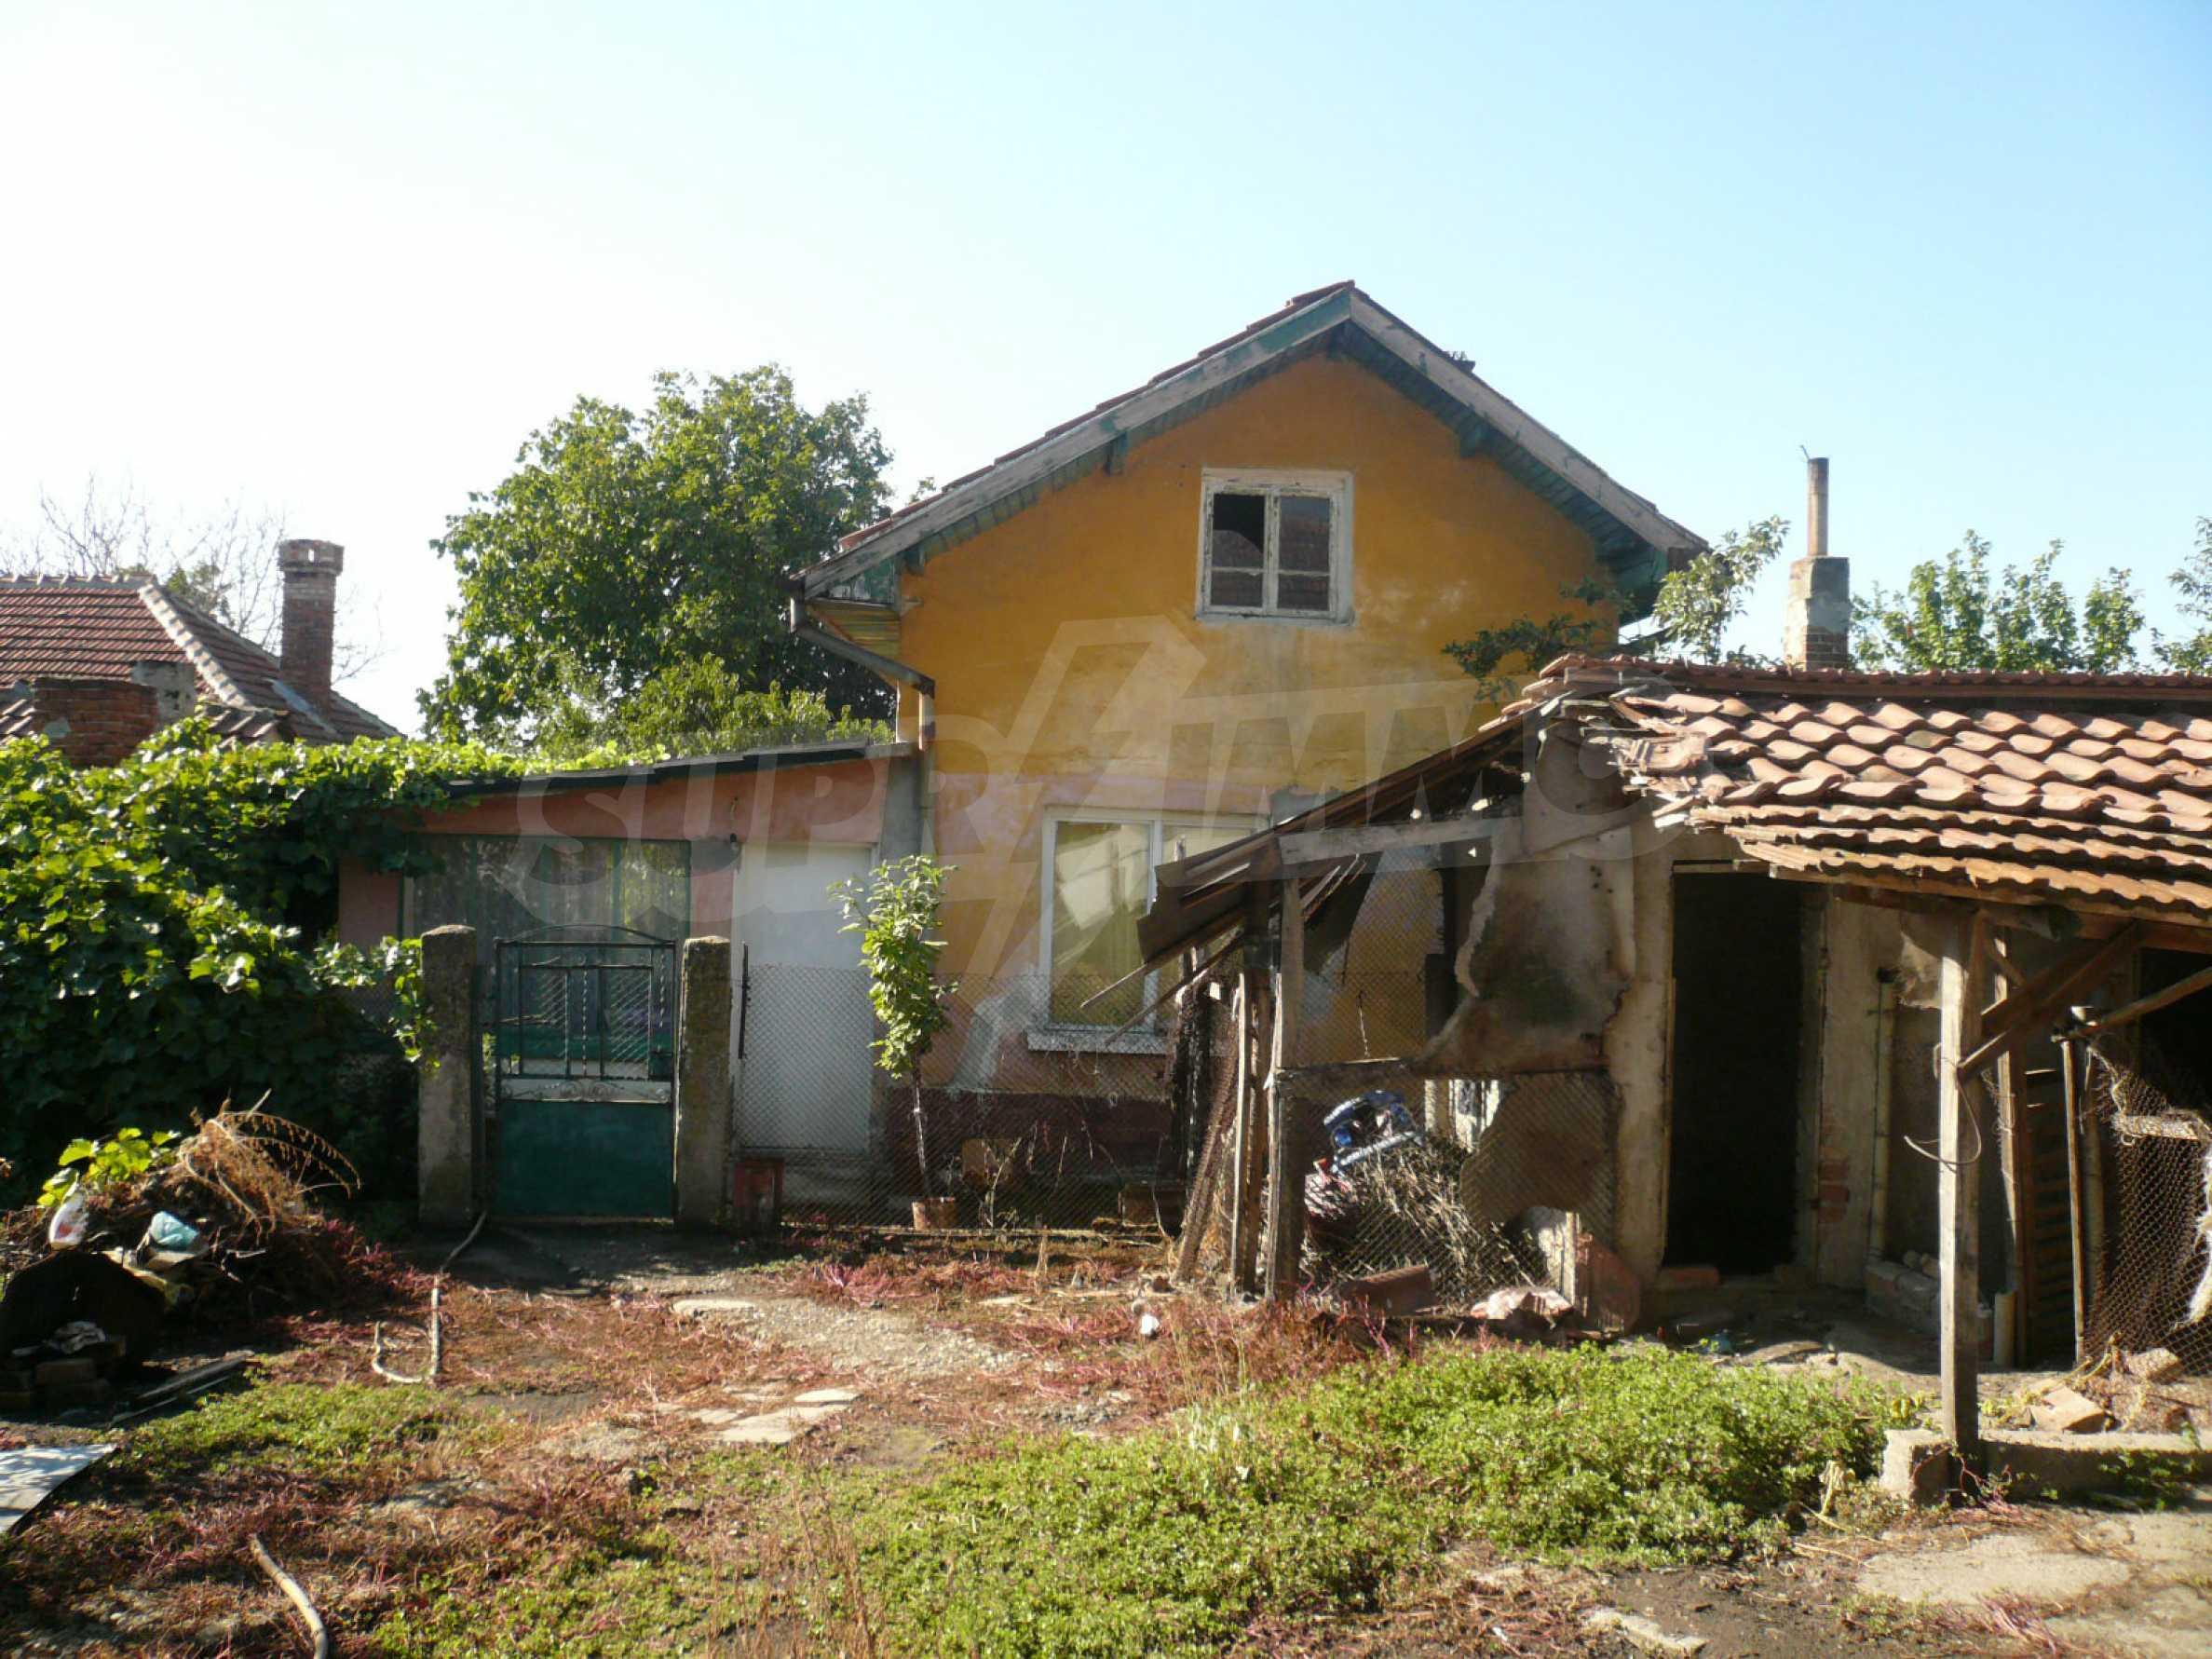 Zwei Landhäuser mit einem Garten 10 km von Vidin entfernt 14